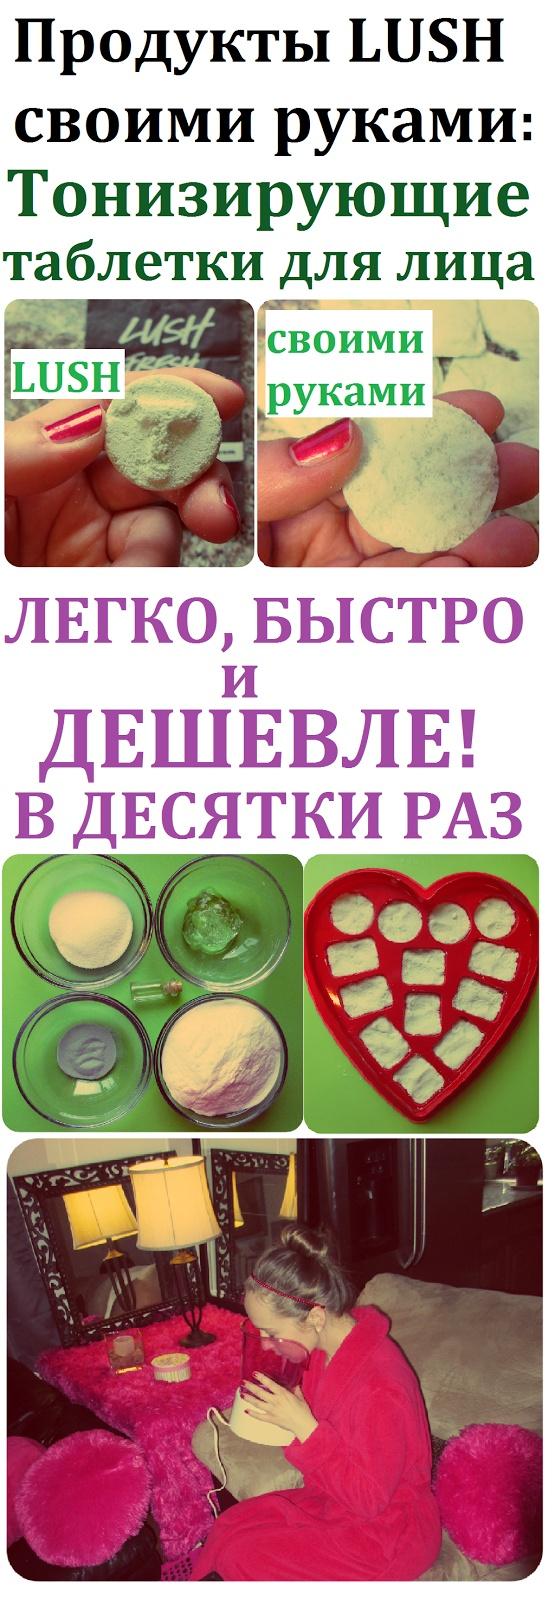 Косметика LUSH своими руками: Как сделать тонизирующие «таблетки» для паровых ванночек в домашних условиях. Легкий, быстрый и дешевый рецепт продуктов LUSH!